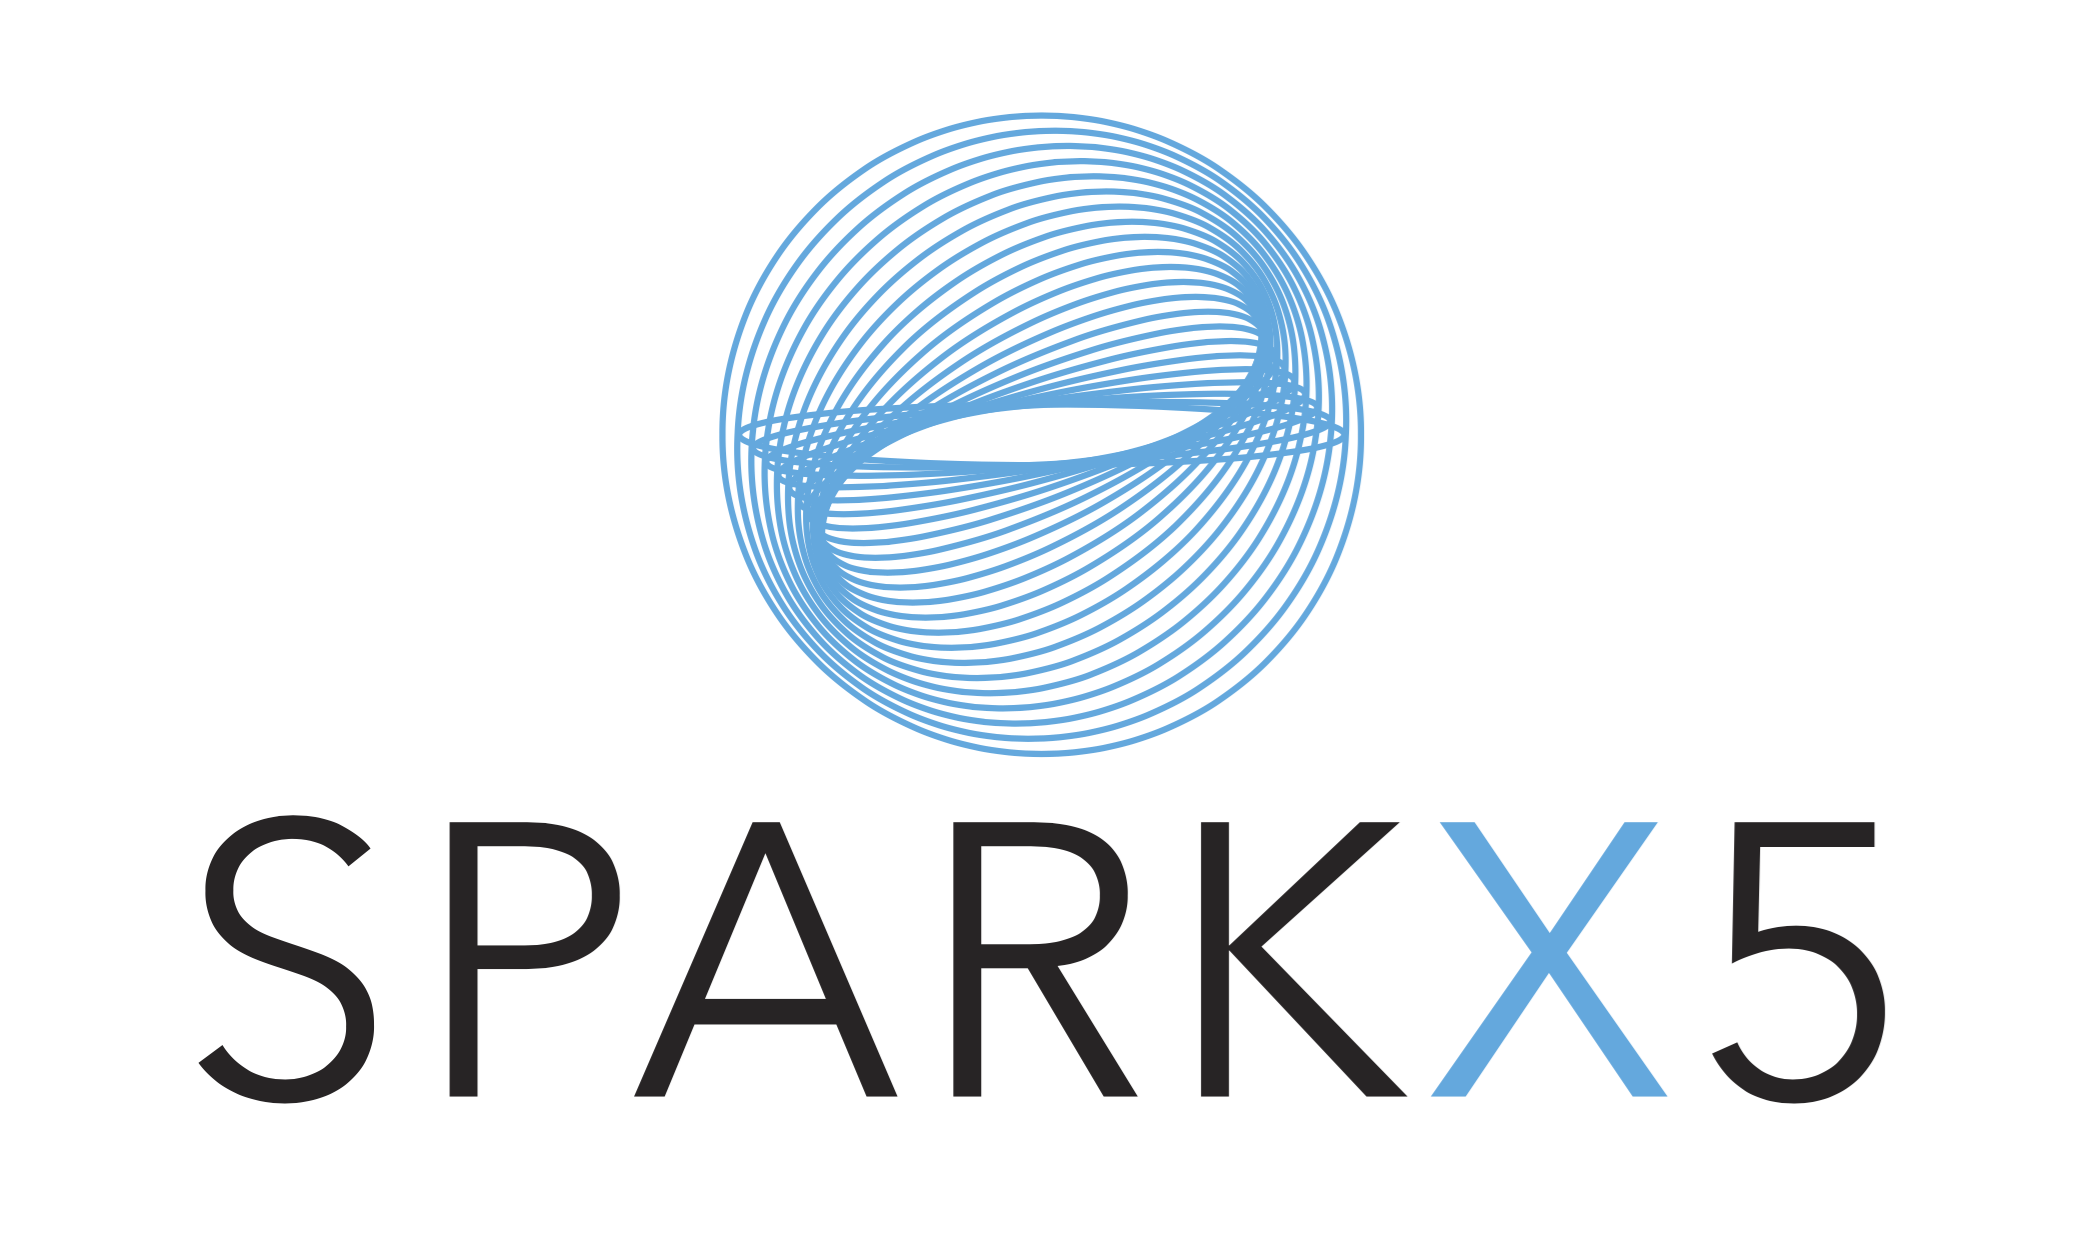 SPARKX5